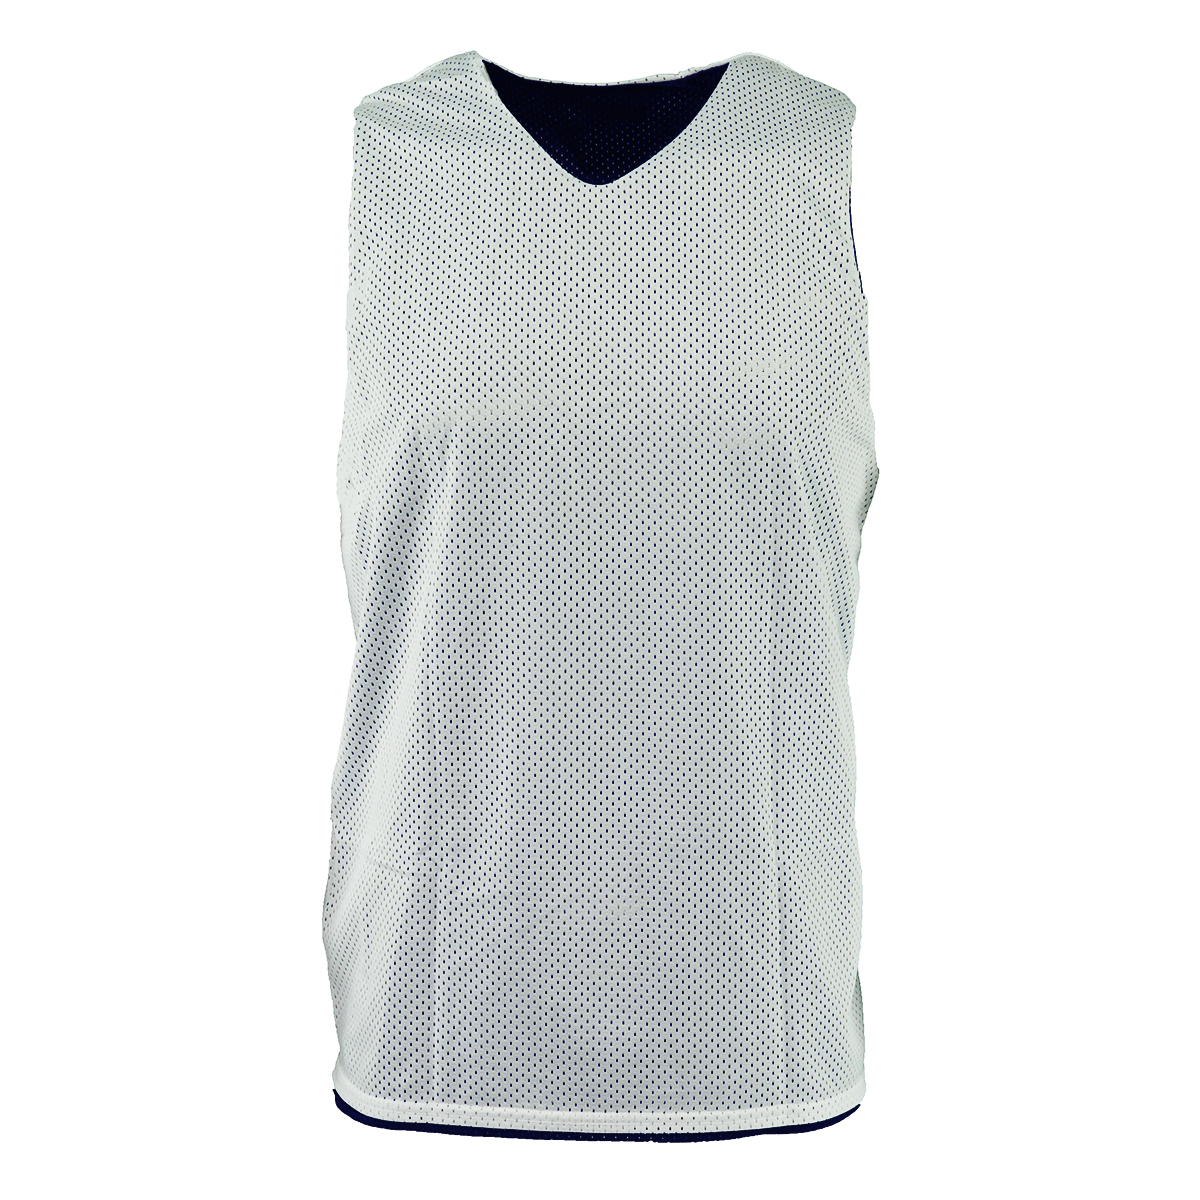 Nike-Men-039-s-Reversible-Basketball-Practice-Jersey thumbnail 5